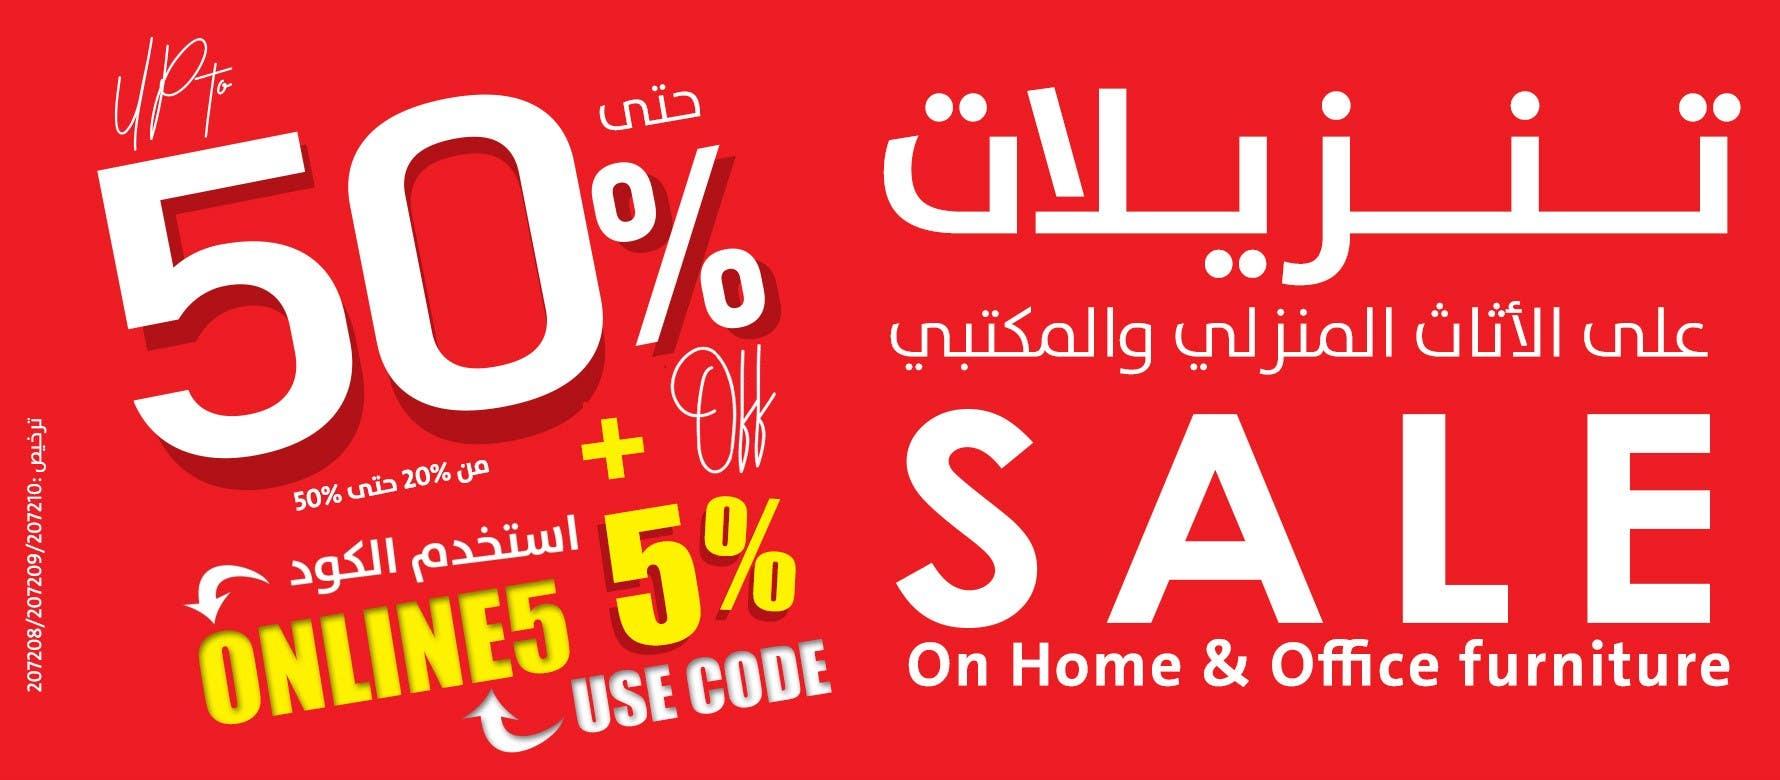 Saudi SALE upto 50% Eng